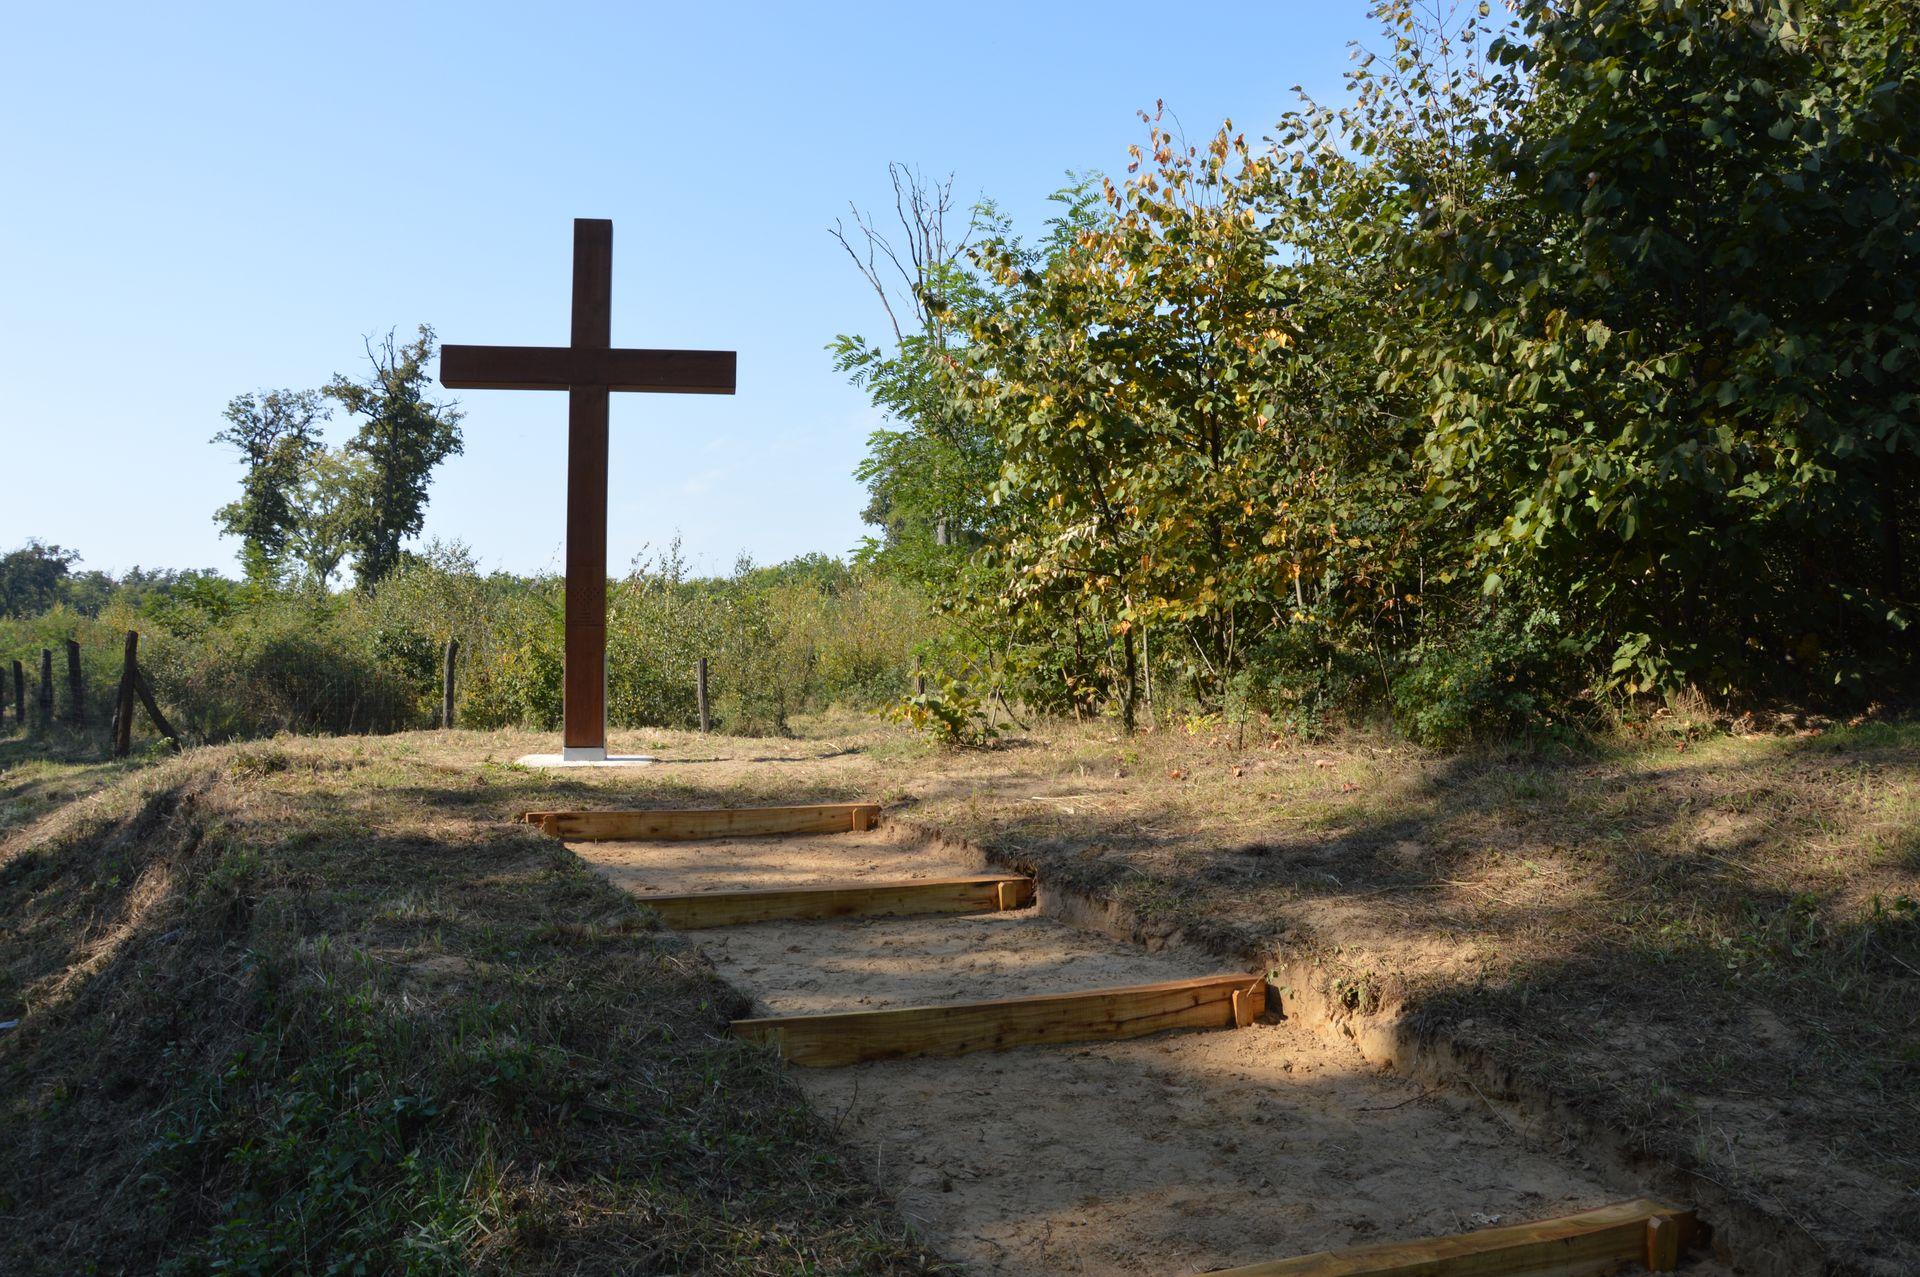 Emlékkeresztet állítottak a Nyírségben is, a Sóstói-erdőben